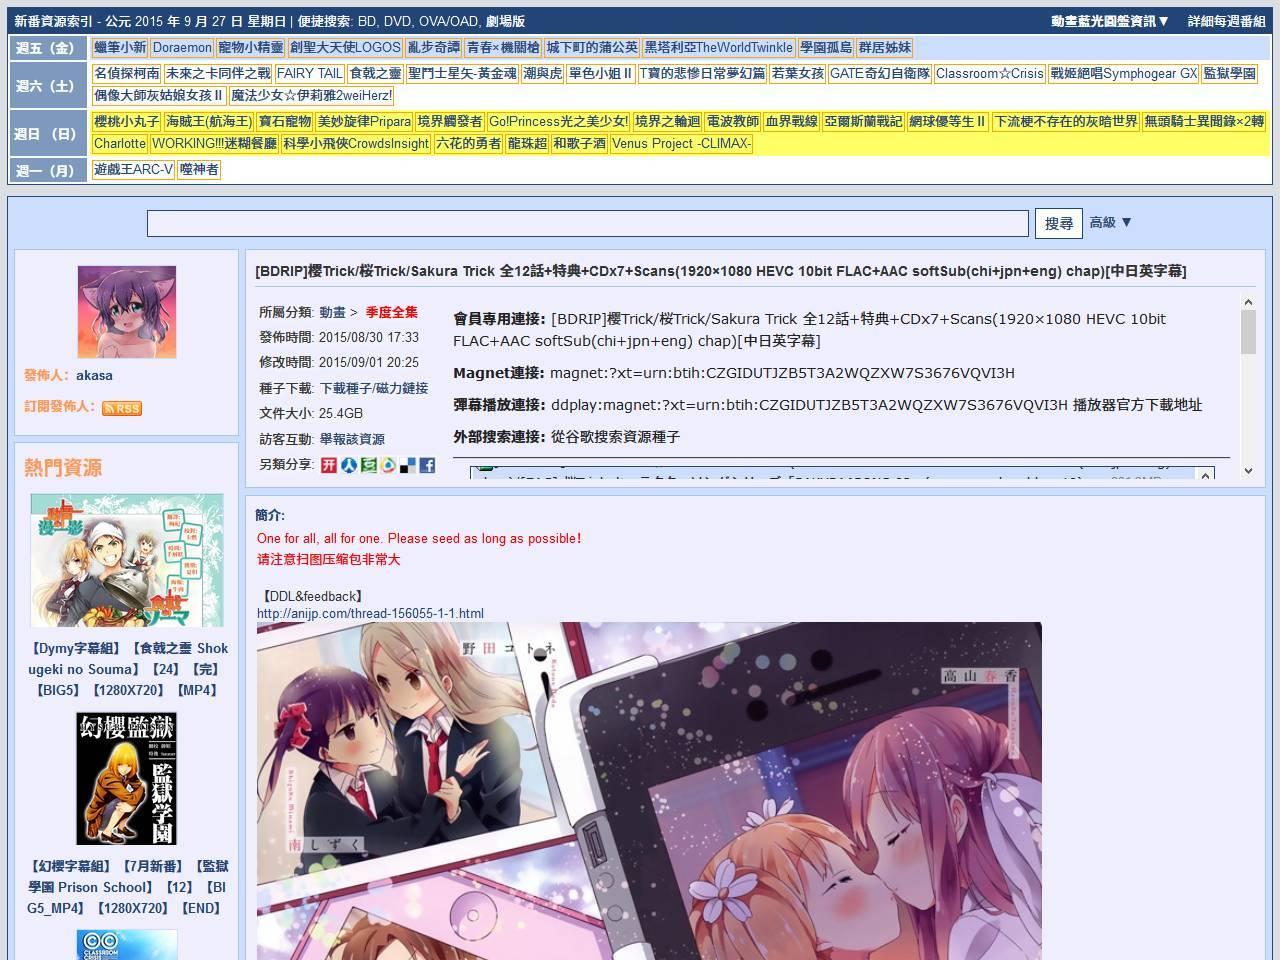 動漫花園/動漫花園(share.dmhy.org) 樣式調整 - FreeStyler.WS